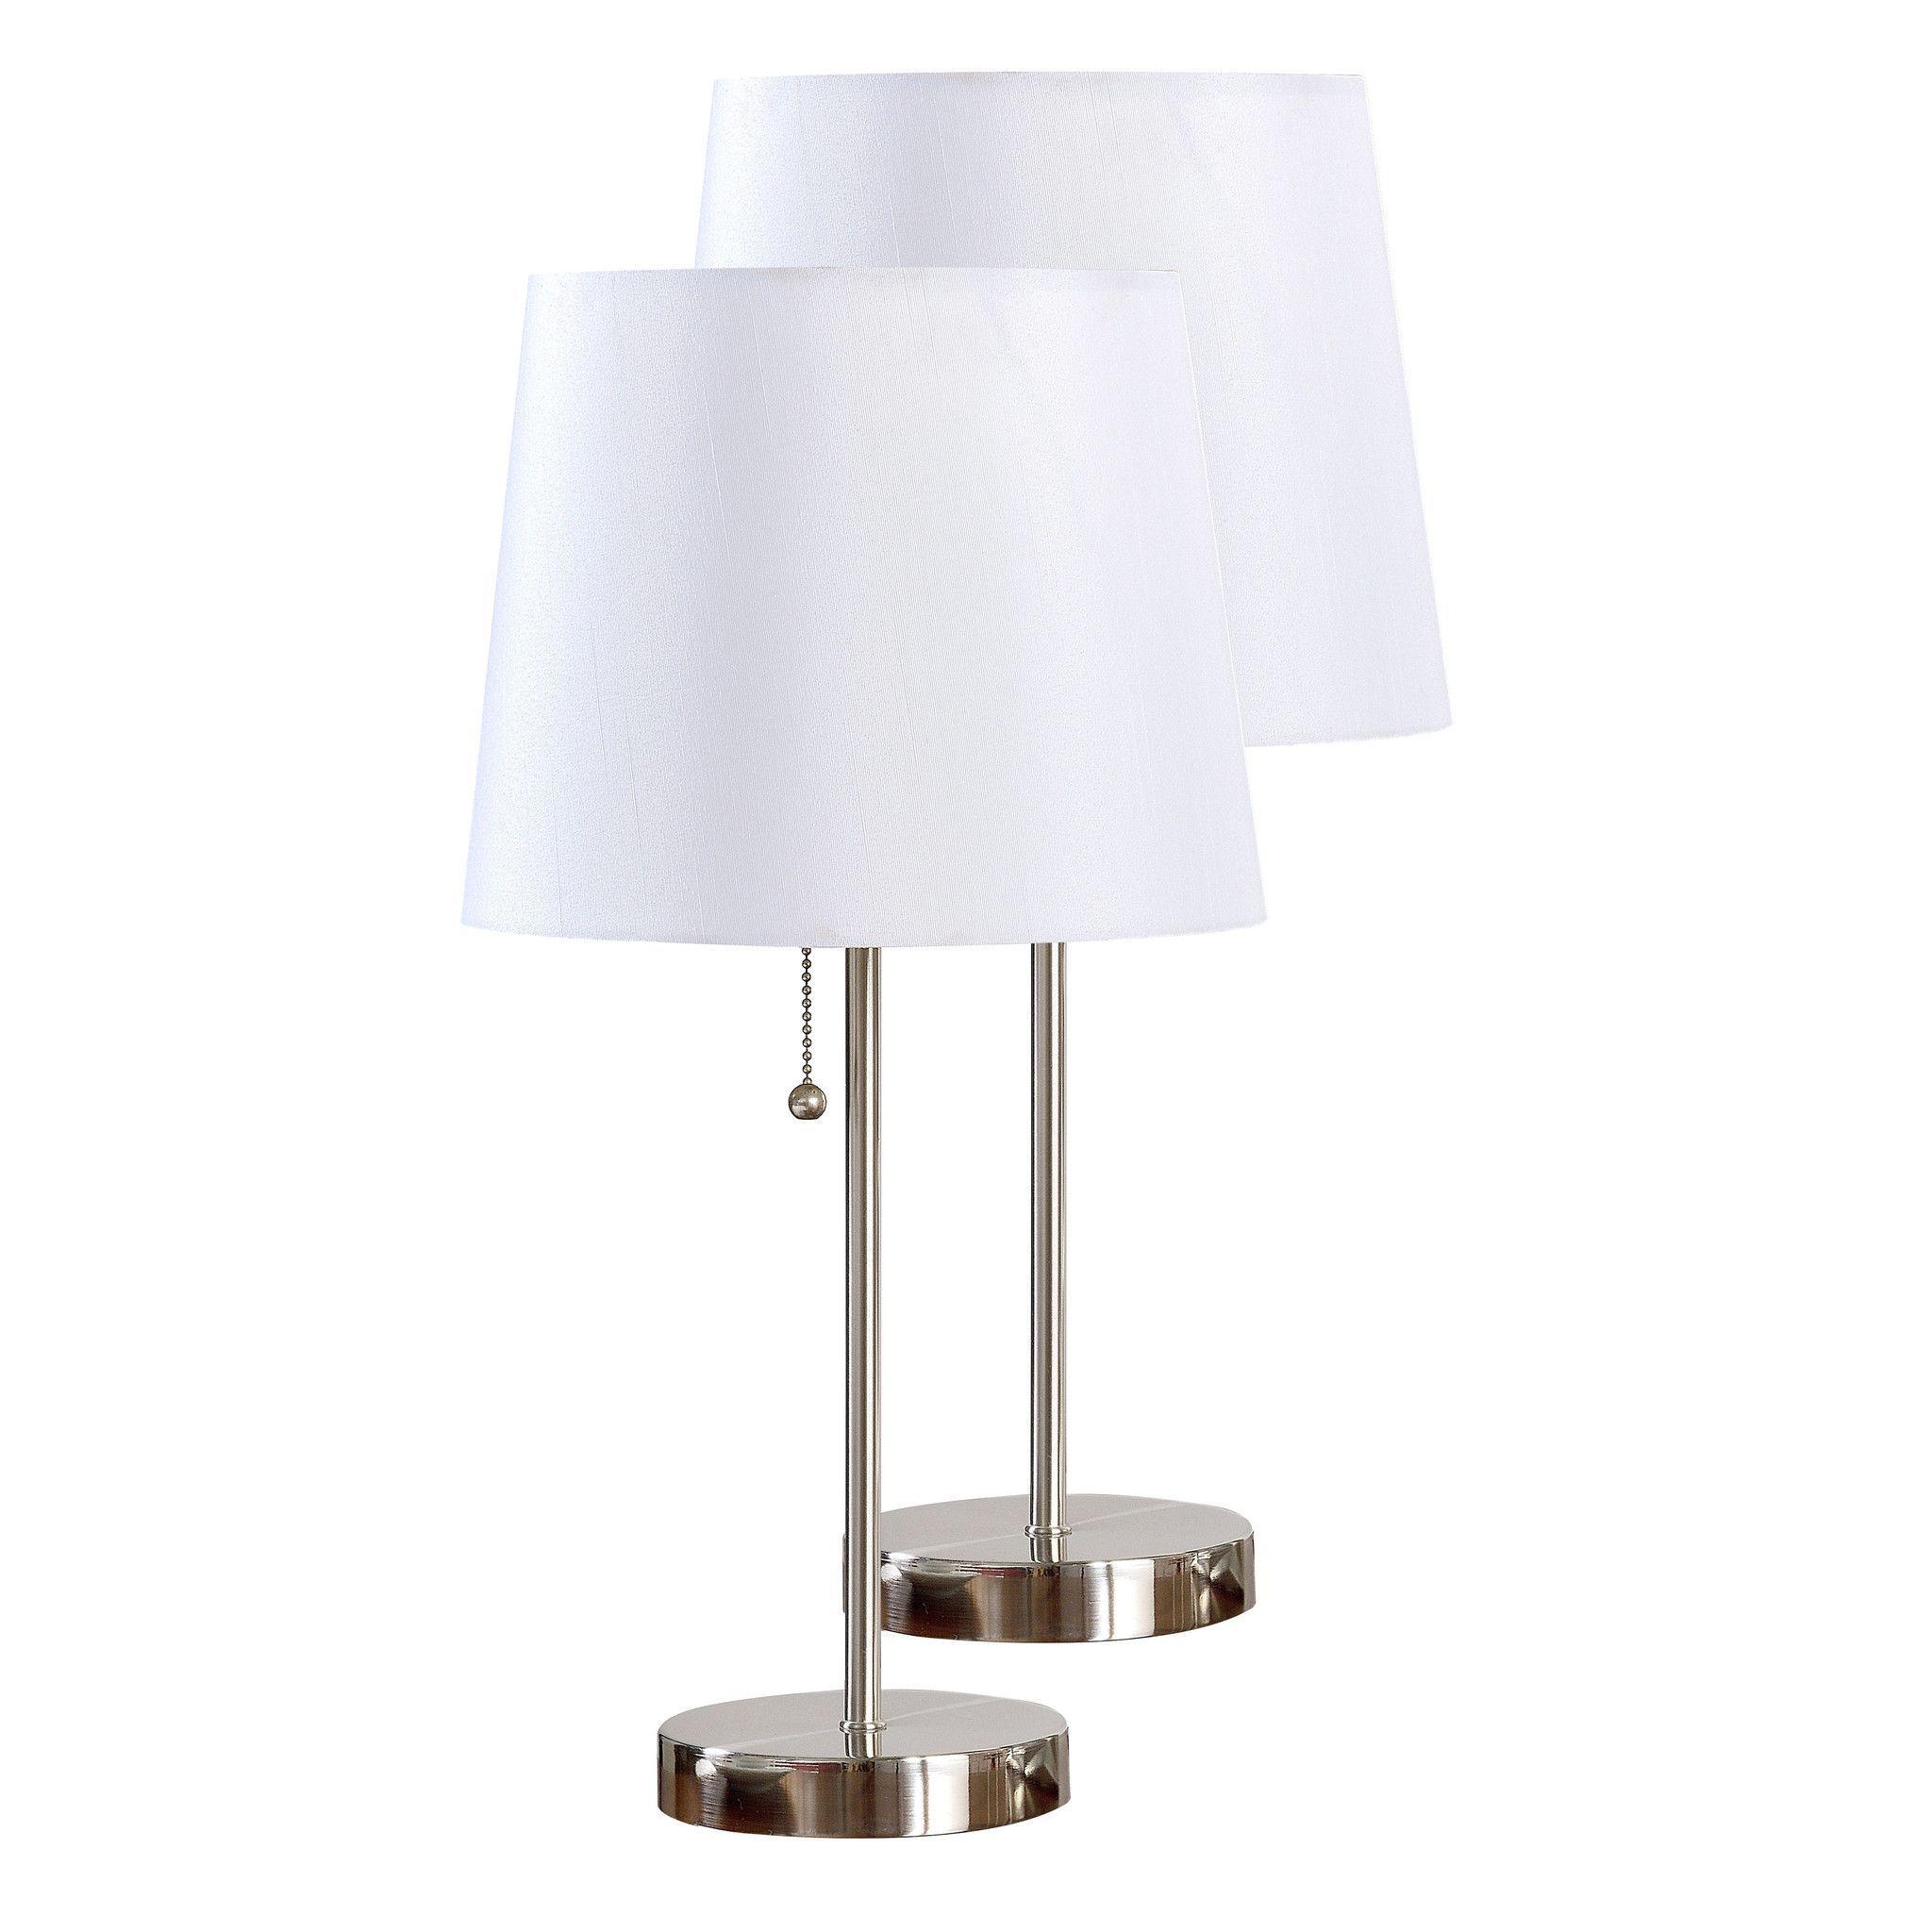 Ailani Table Lamp Set, Brushed Nickel Metal & White Fabric